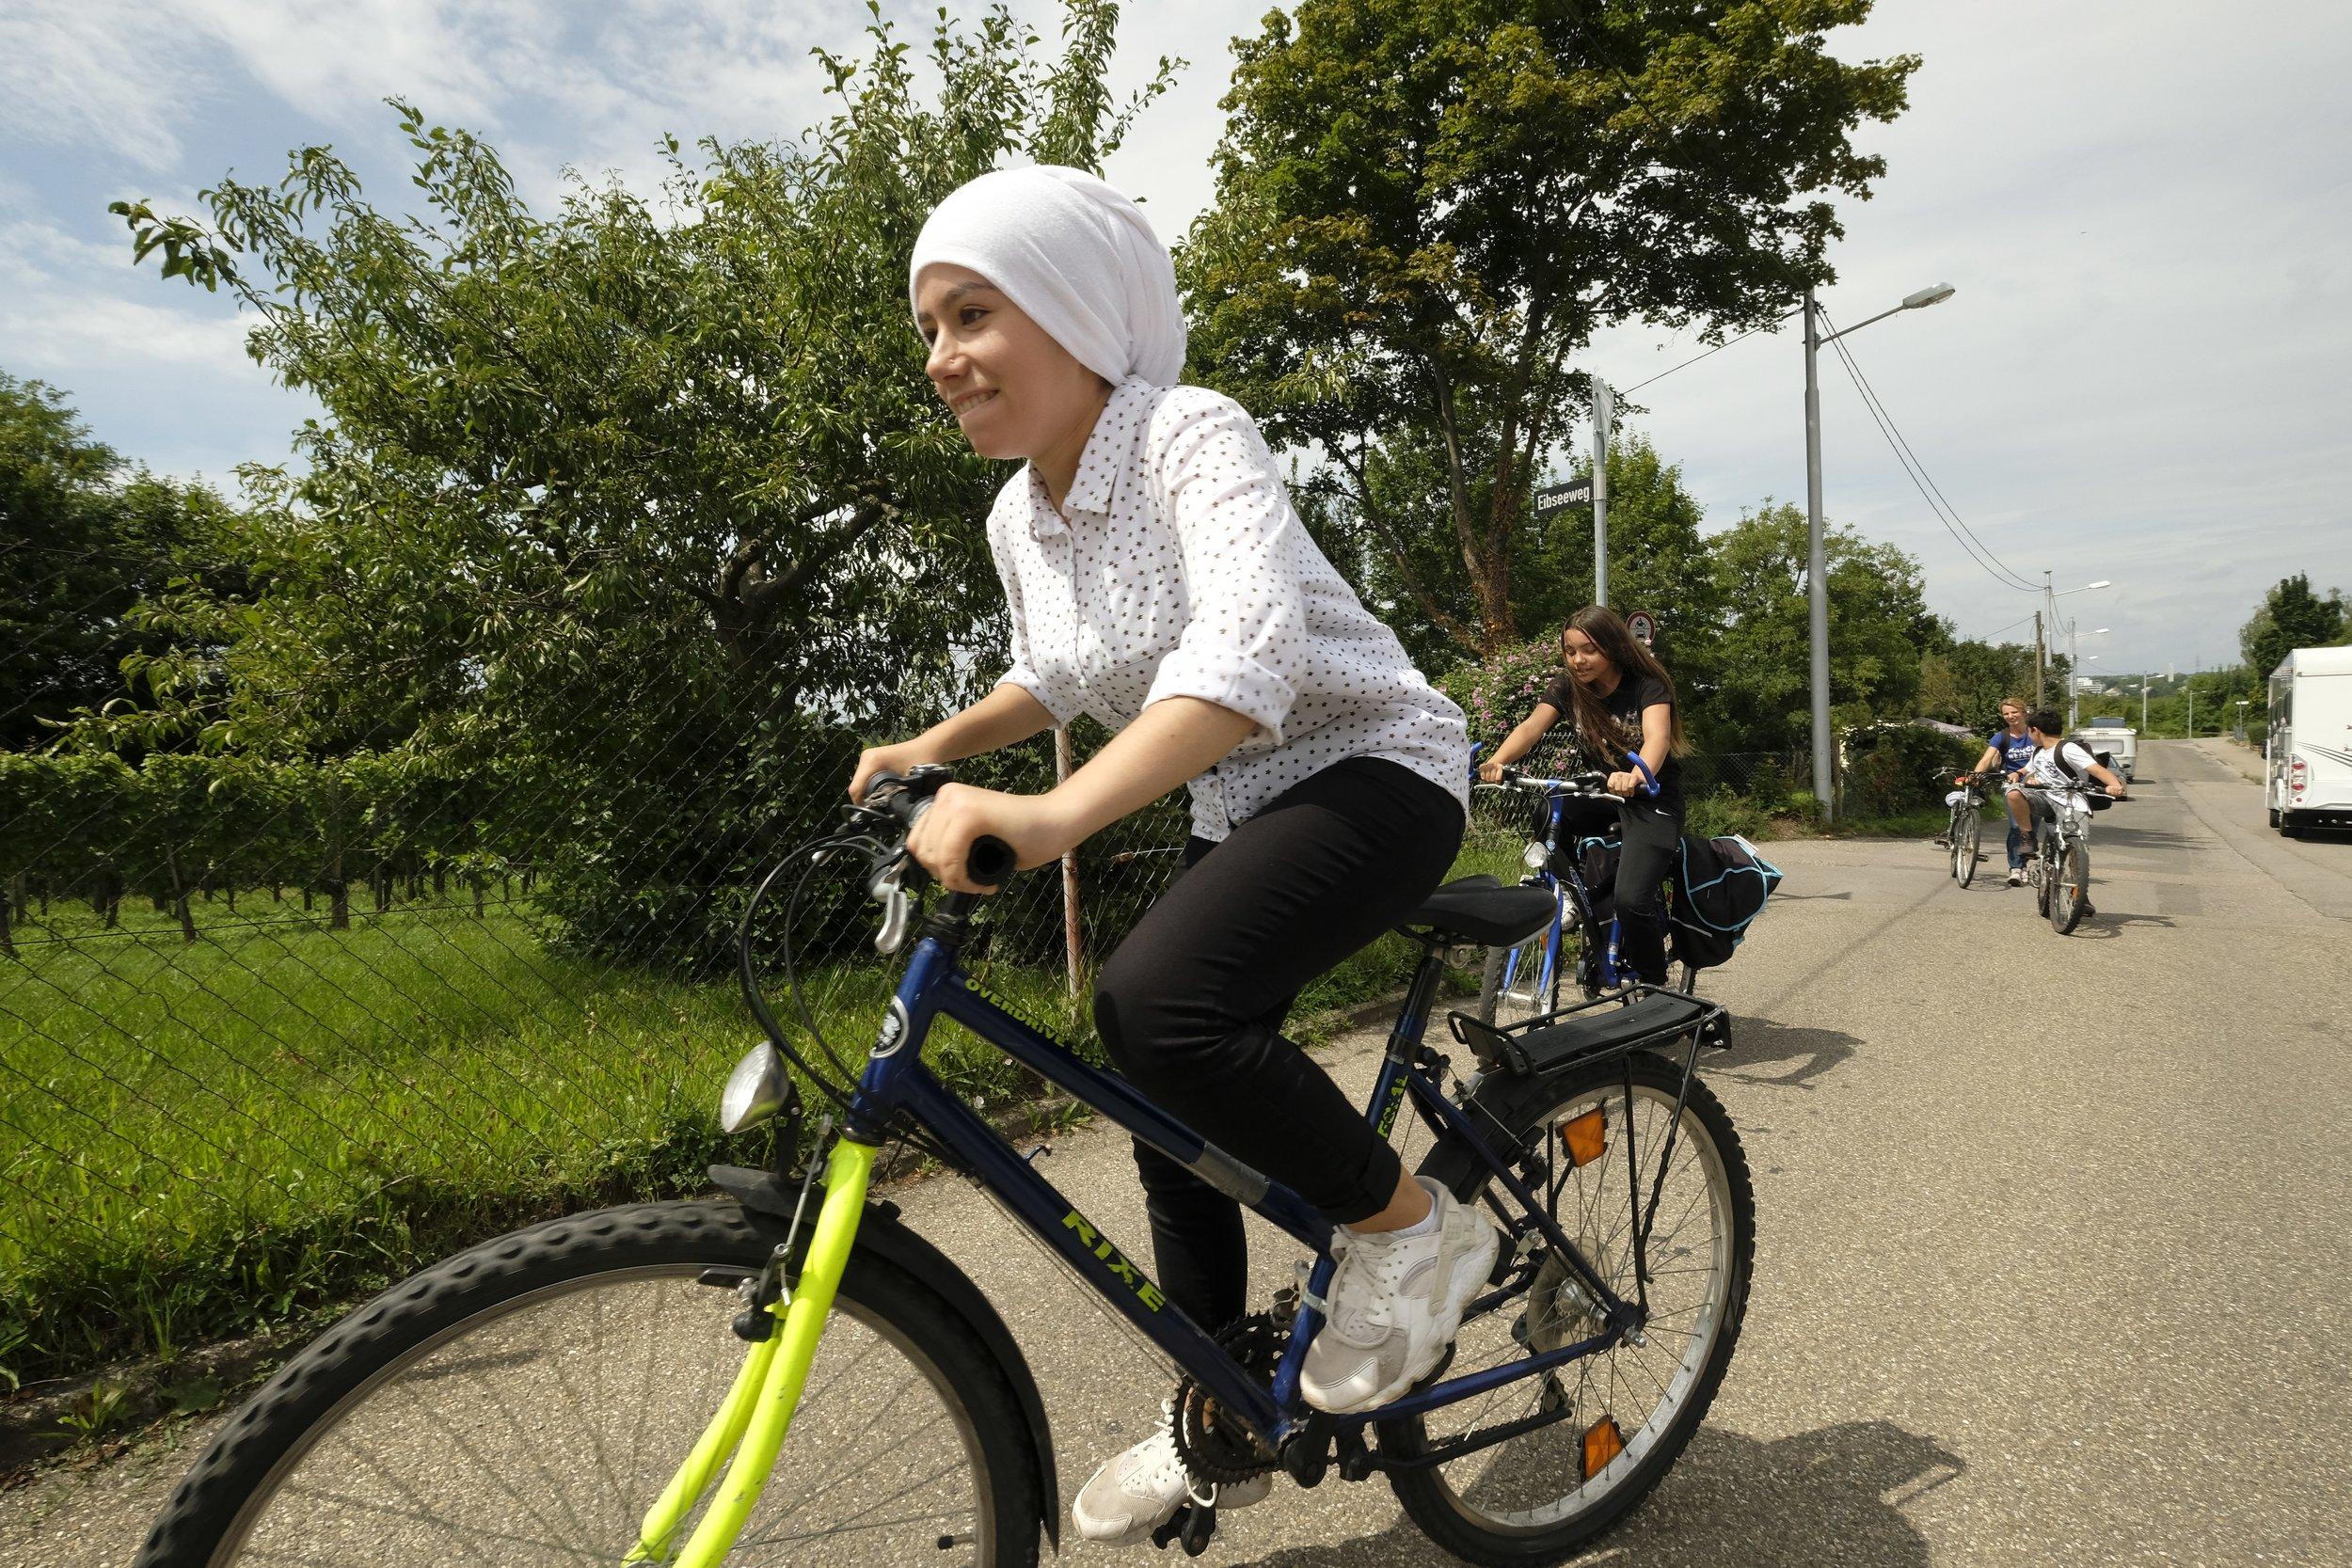 Bild aus dem Programm CHILDREN Entdecker (Kinderarmut): Mädchen mit Kopftuch beim Fahrradfahren